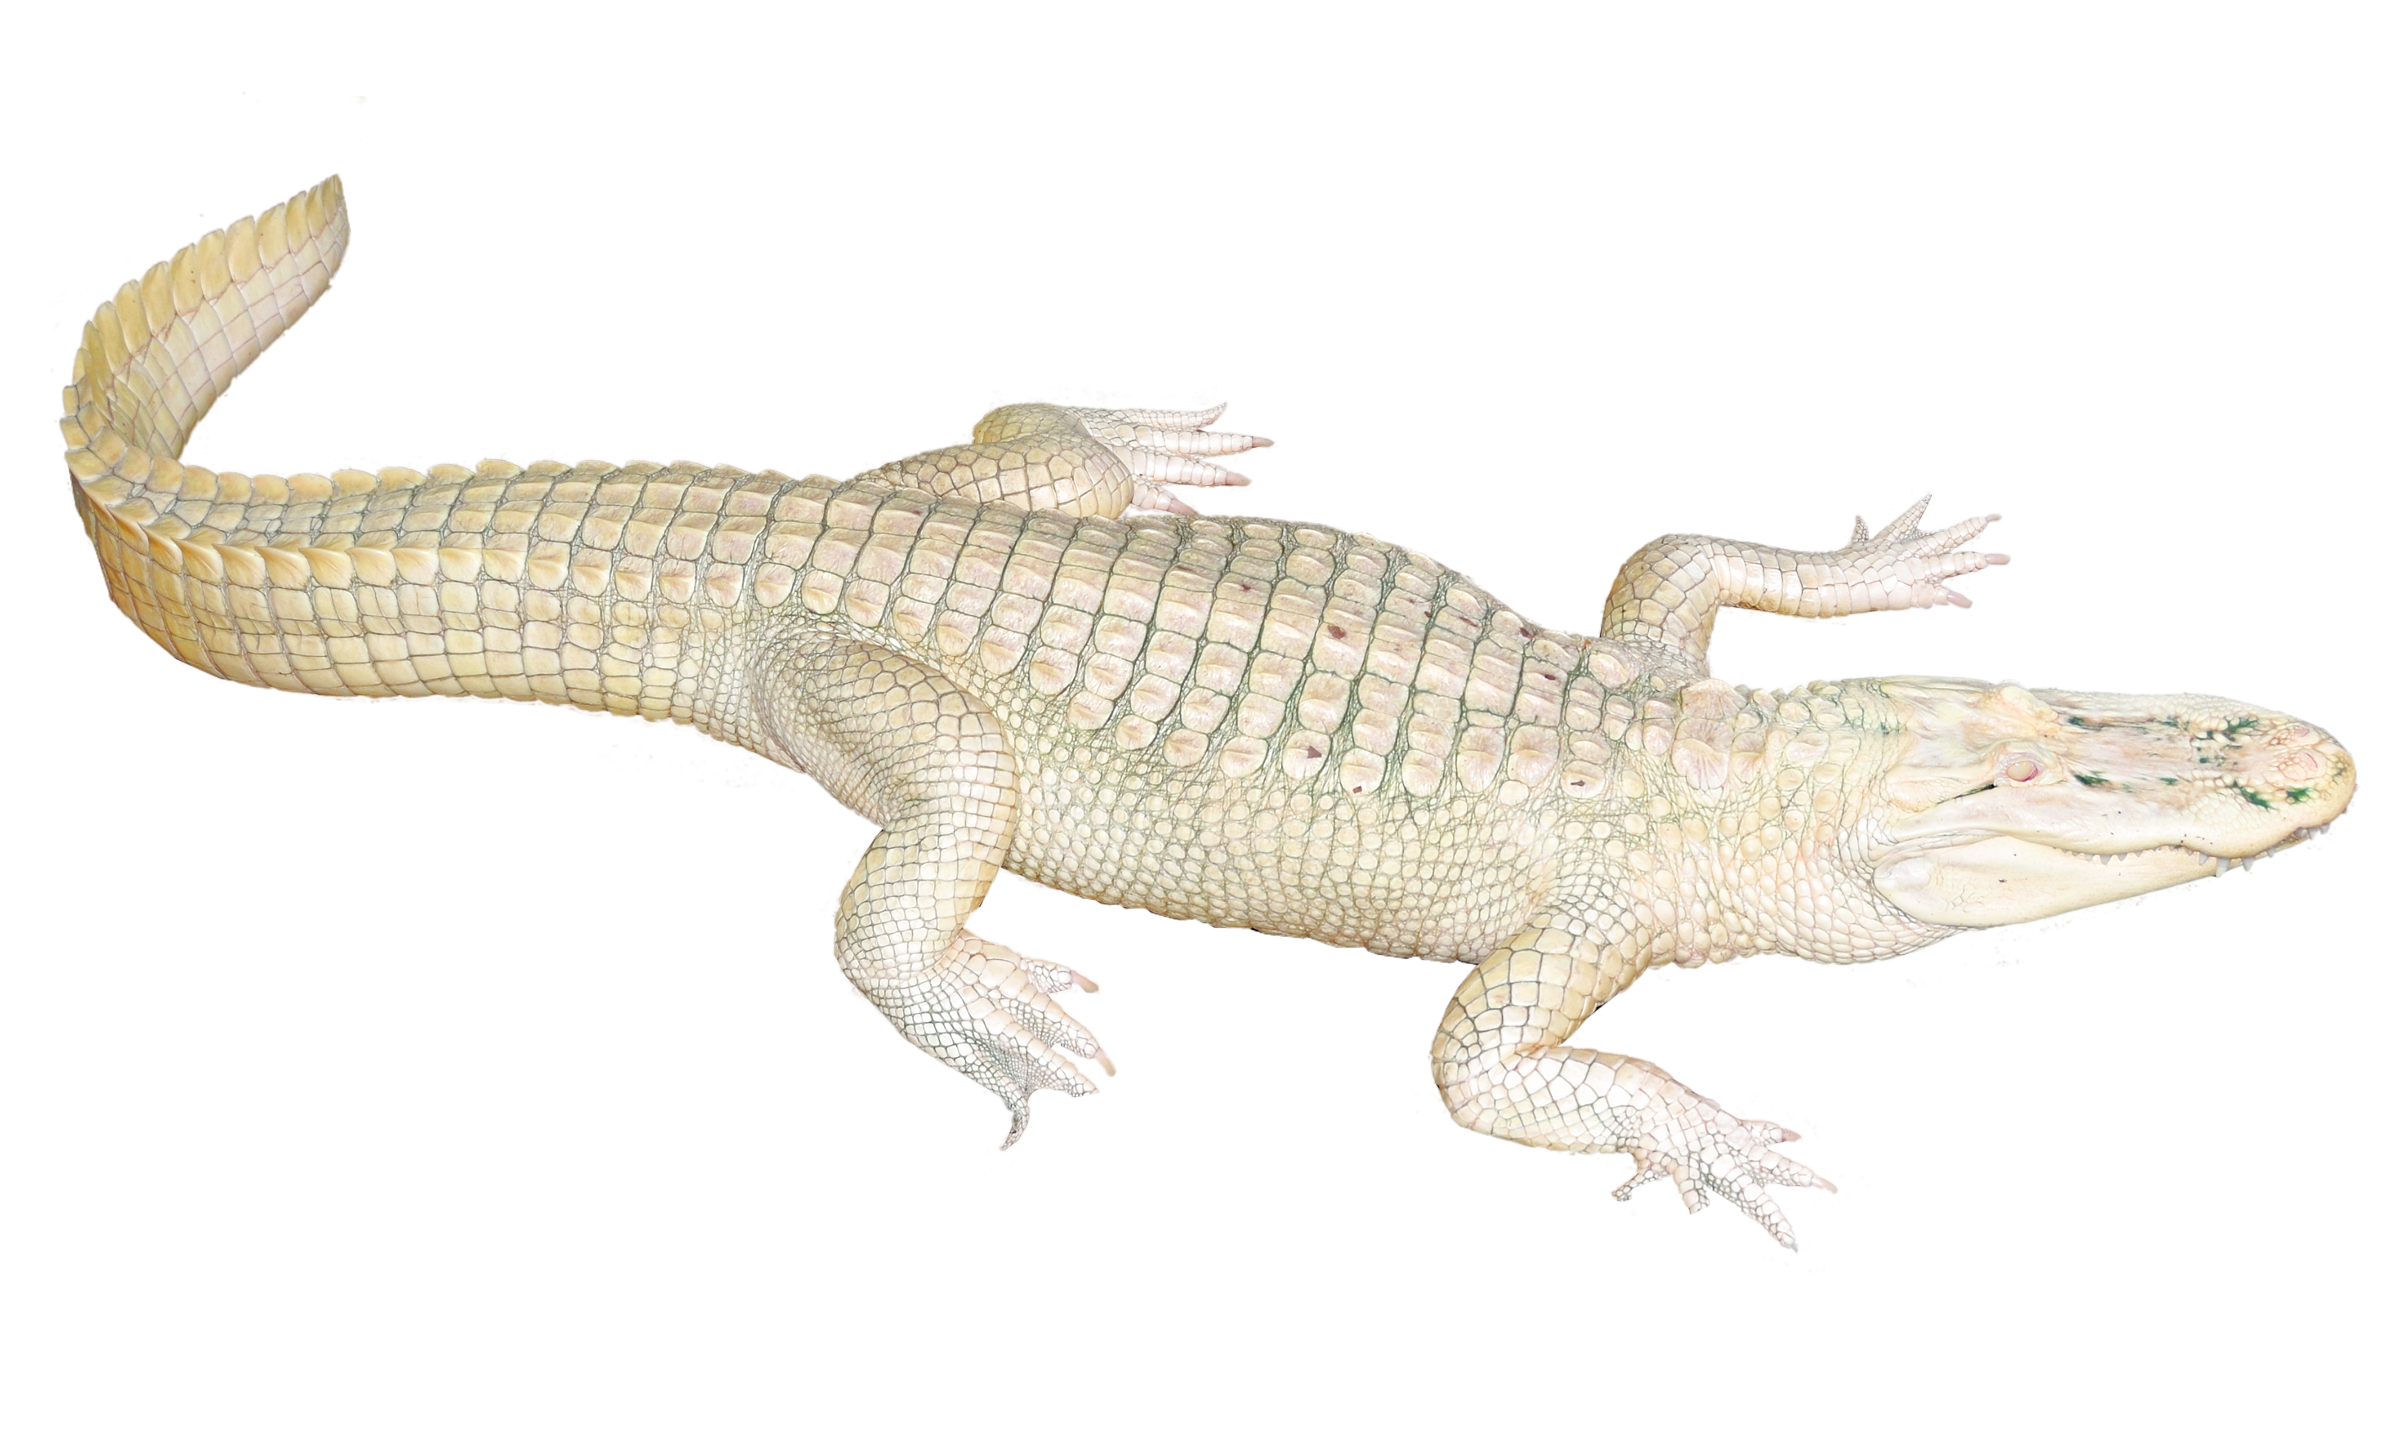 Gator crocodile tail